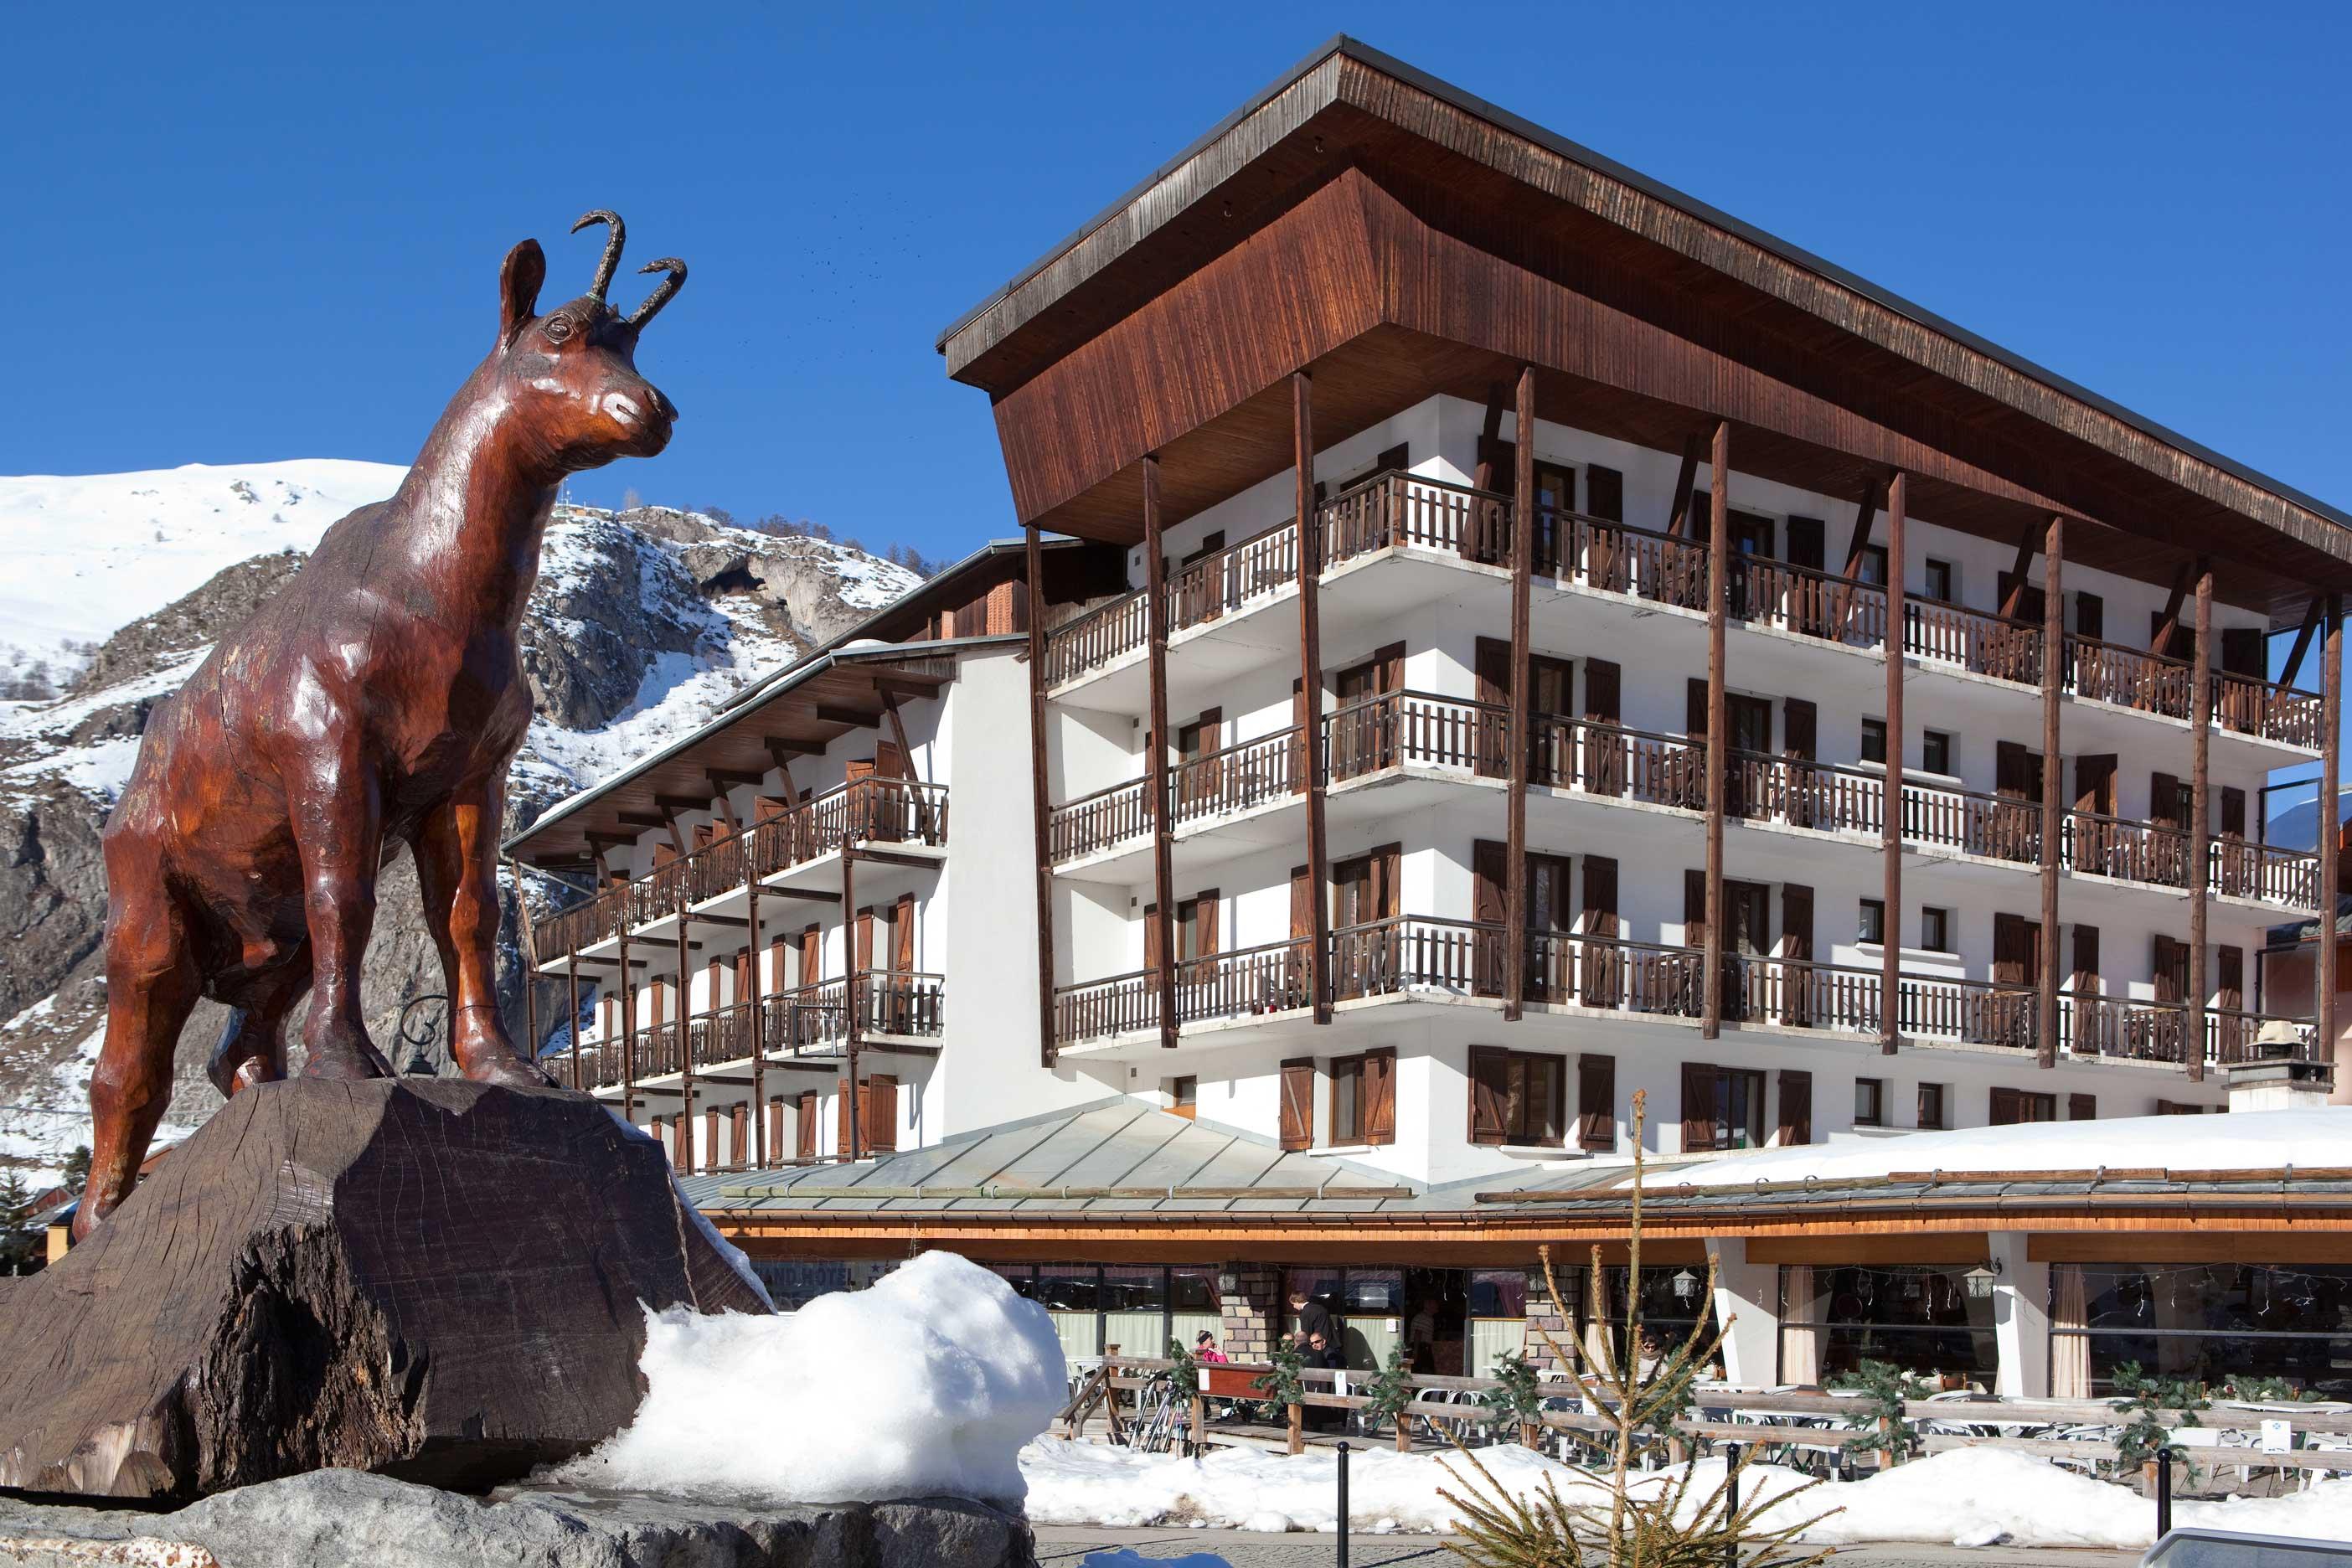 Grand h tel de valloire et du galibier savoie mont blanc savoie et haute savoie alpes - Office de tourisme de valloire ...